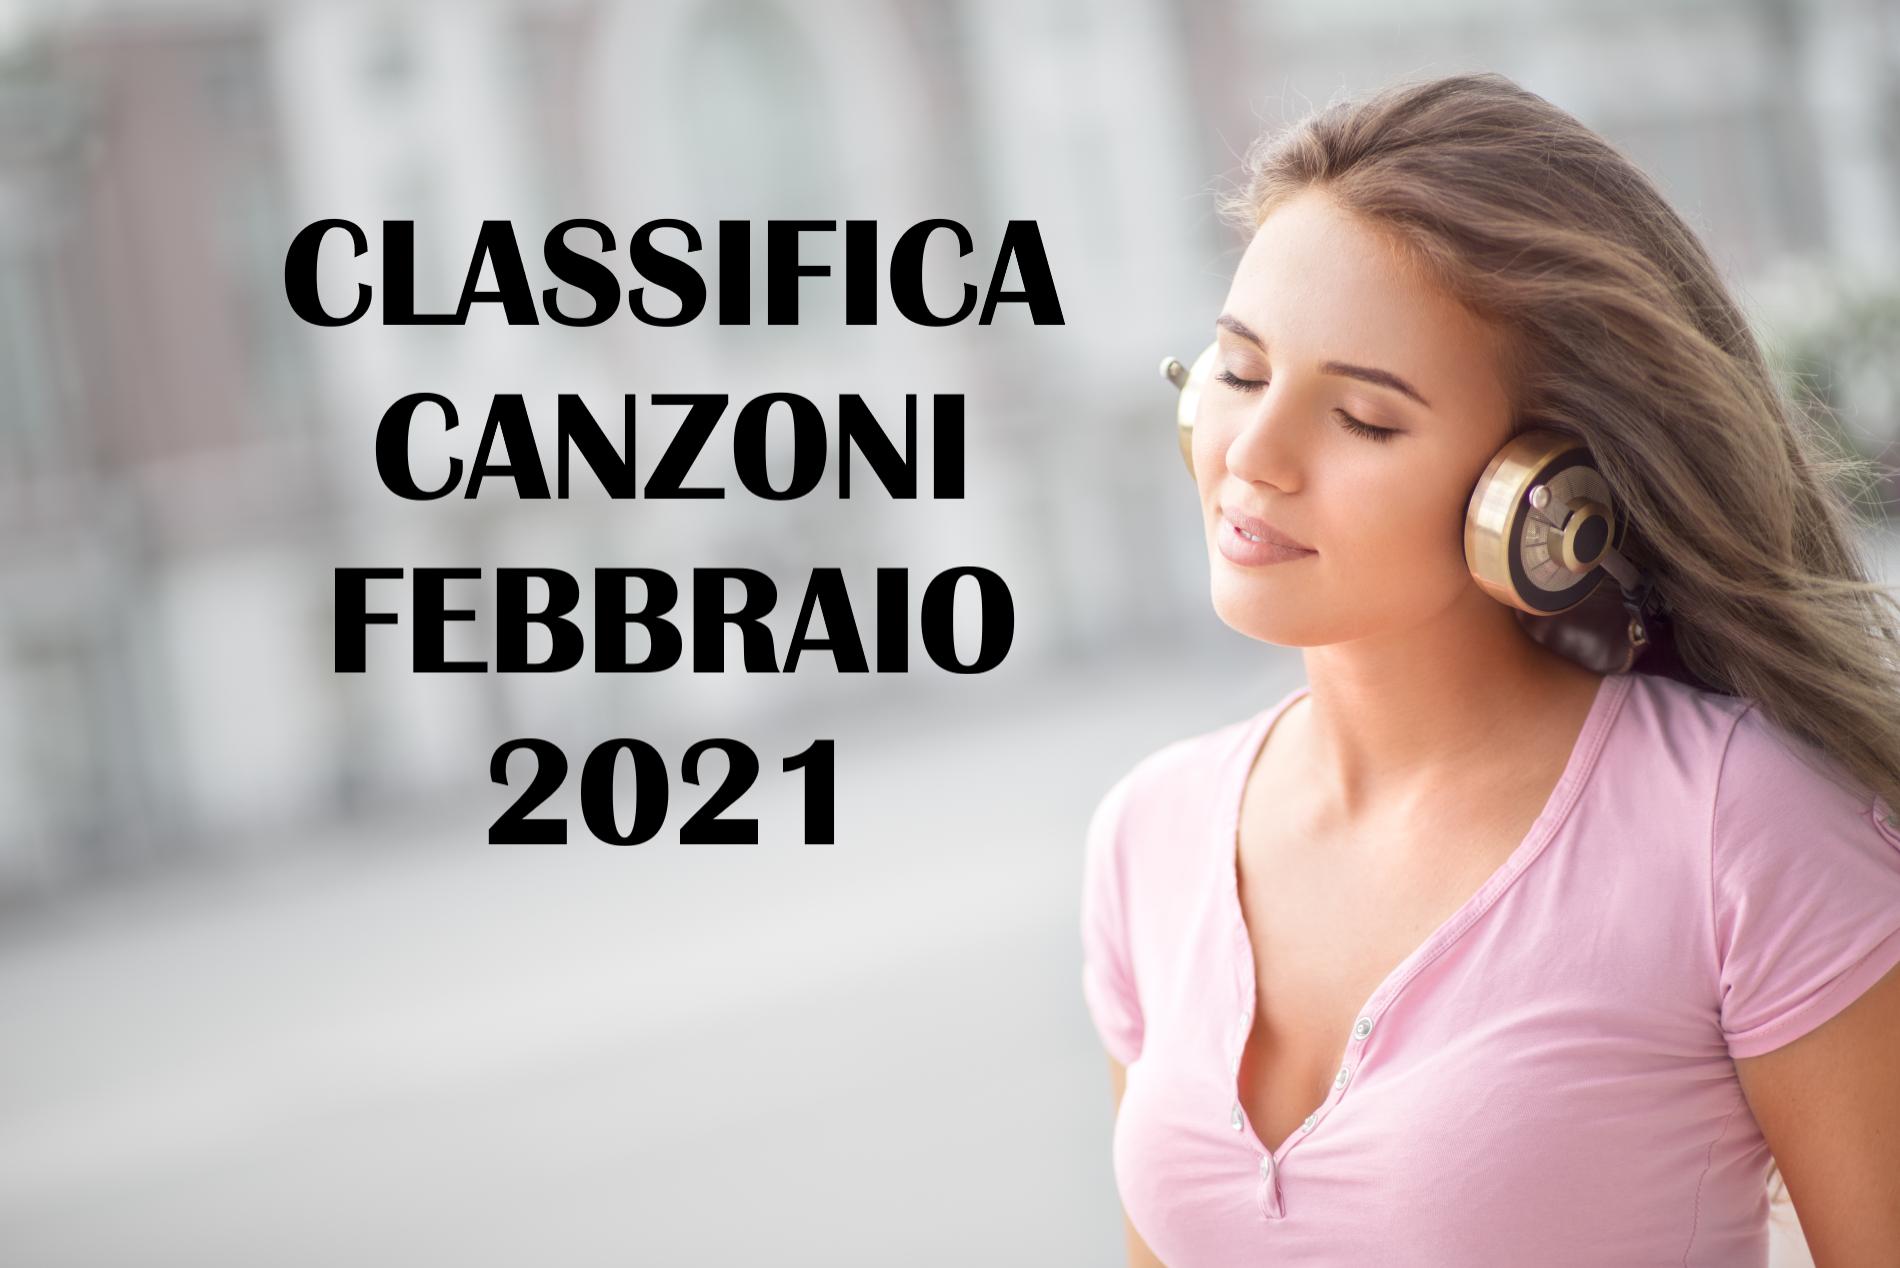 CLASSIFICA CANZONI FEBBRAIO 2021